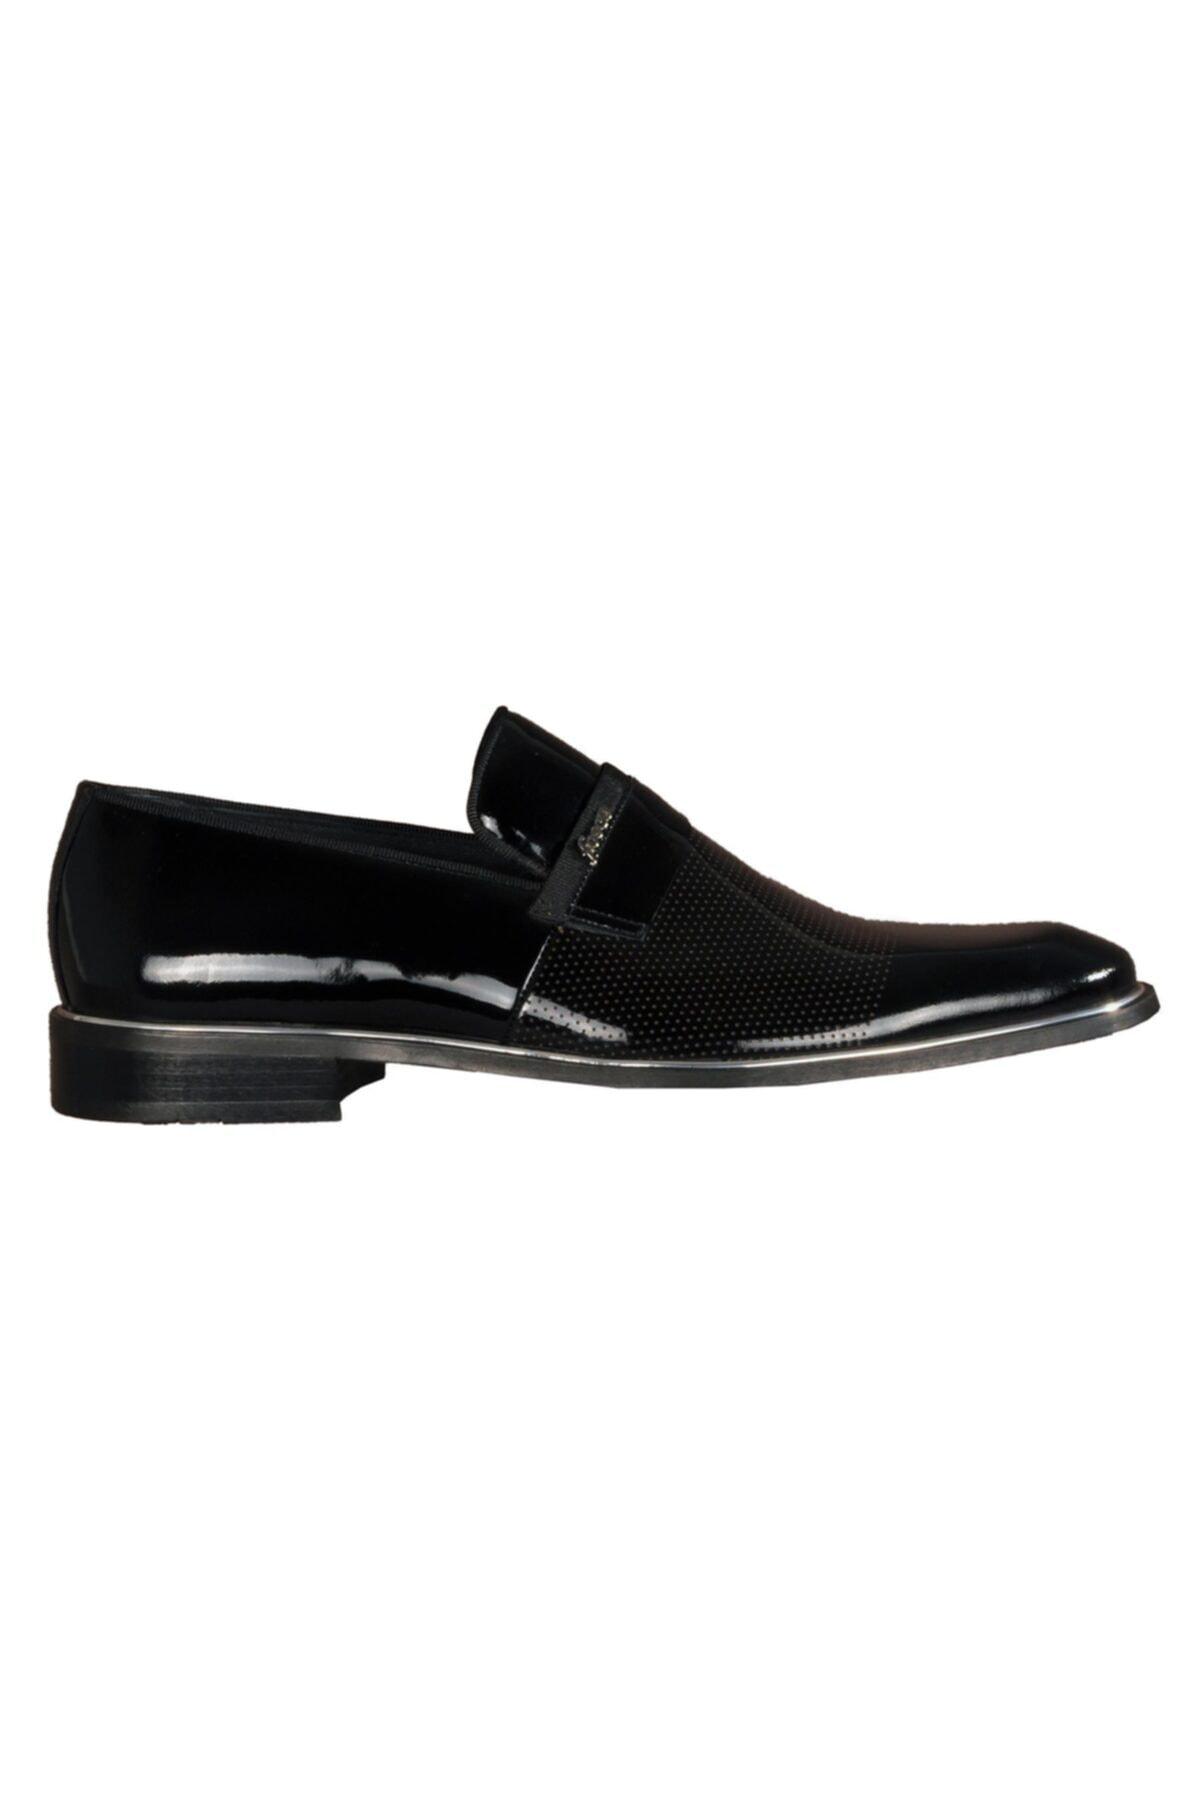 Fosco Siyah Erkek Hakiki Deri Klasik Ayakkabı 1